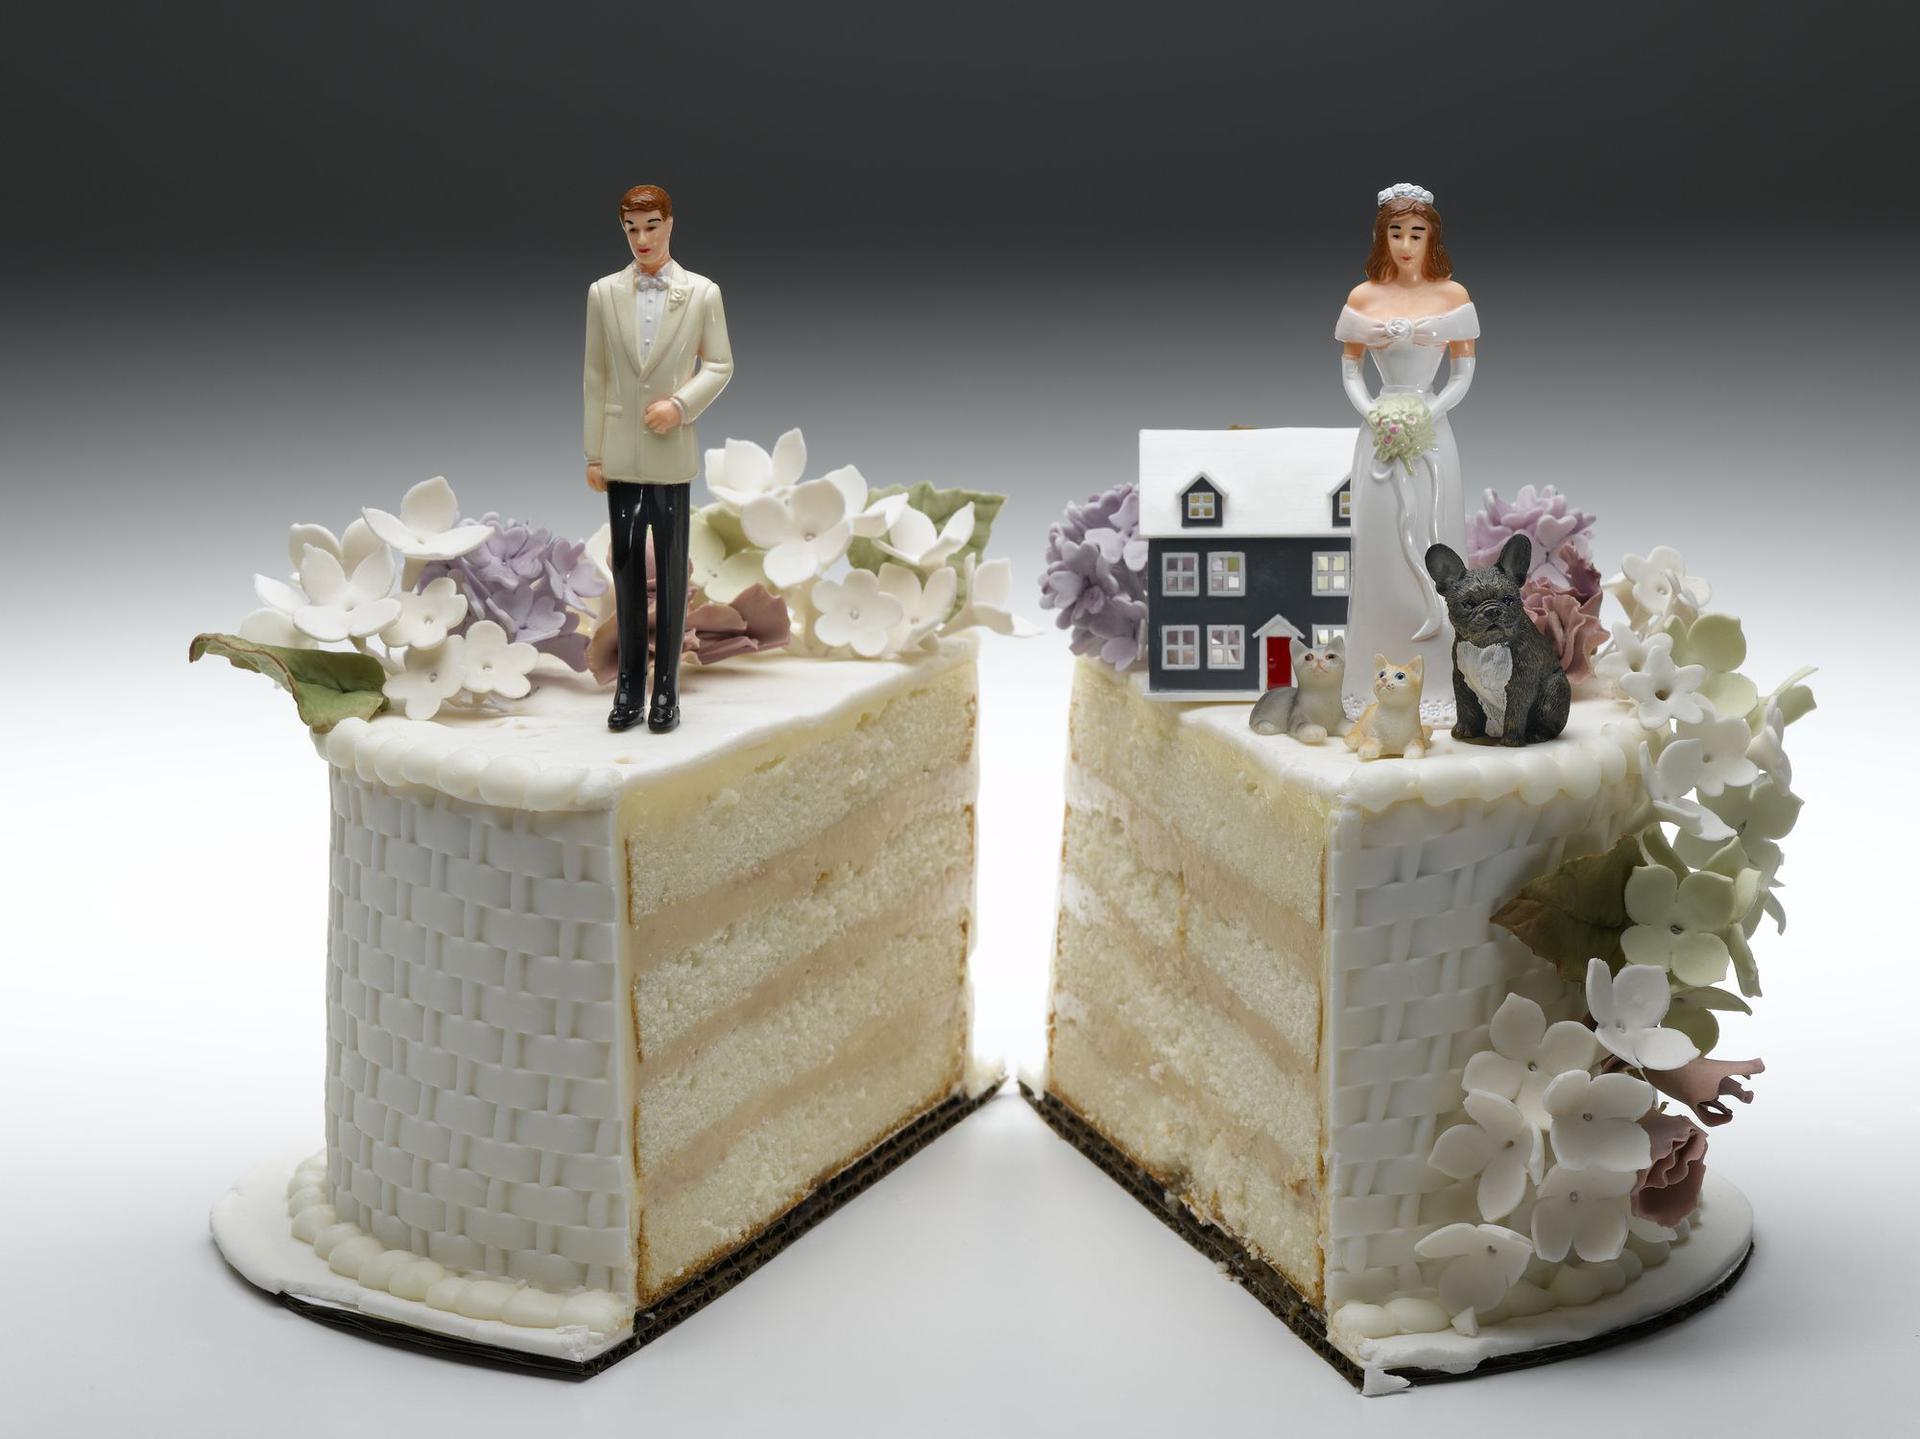 bezpłatny serwis randkowy rozwód online najlepszy serwis randkowy Las Vegas